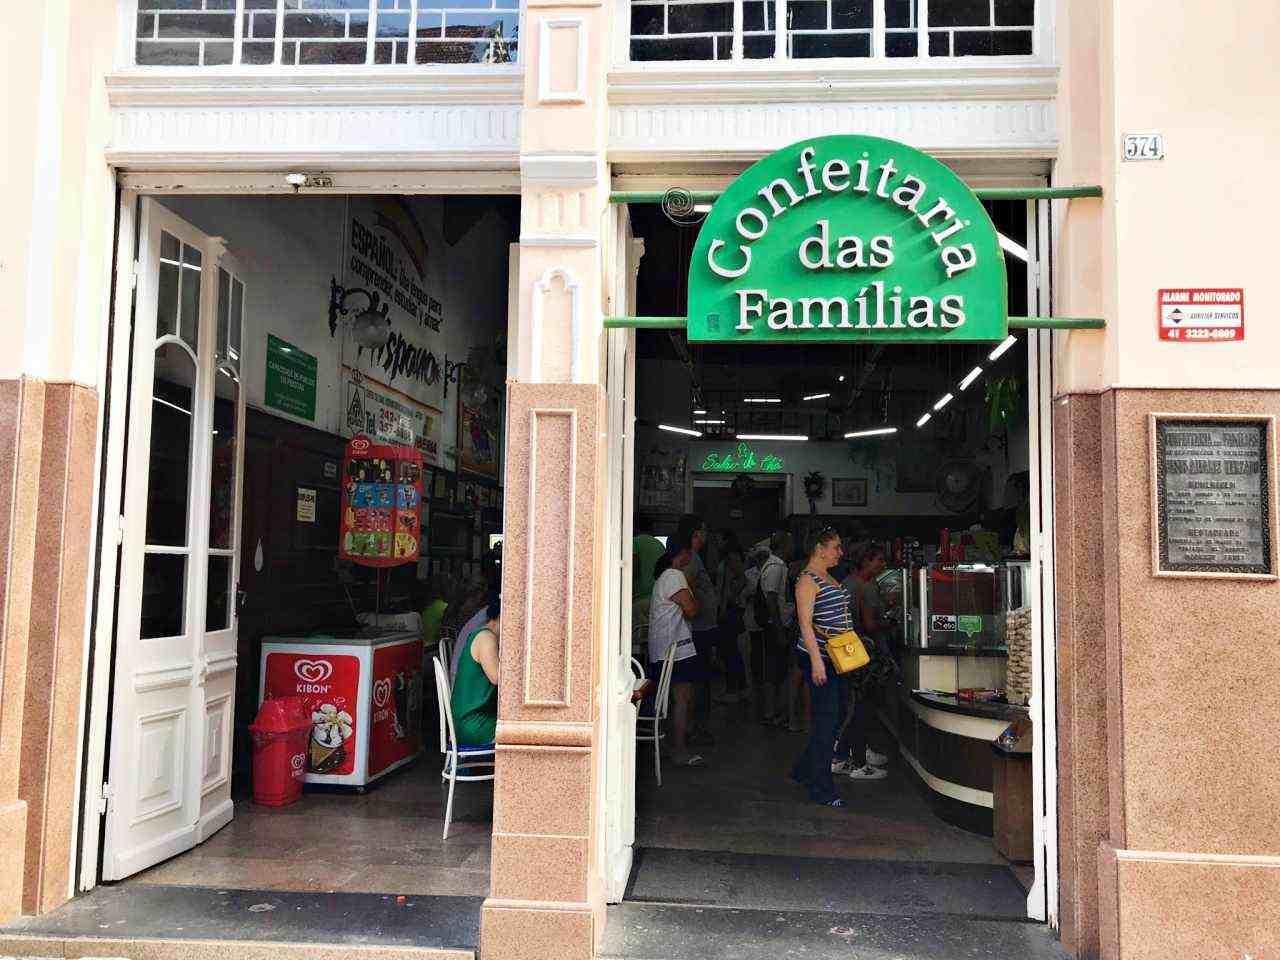 7 Lugares onde comer doces em Curitiba - Confeitaria das Famílias